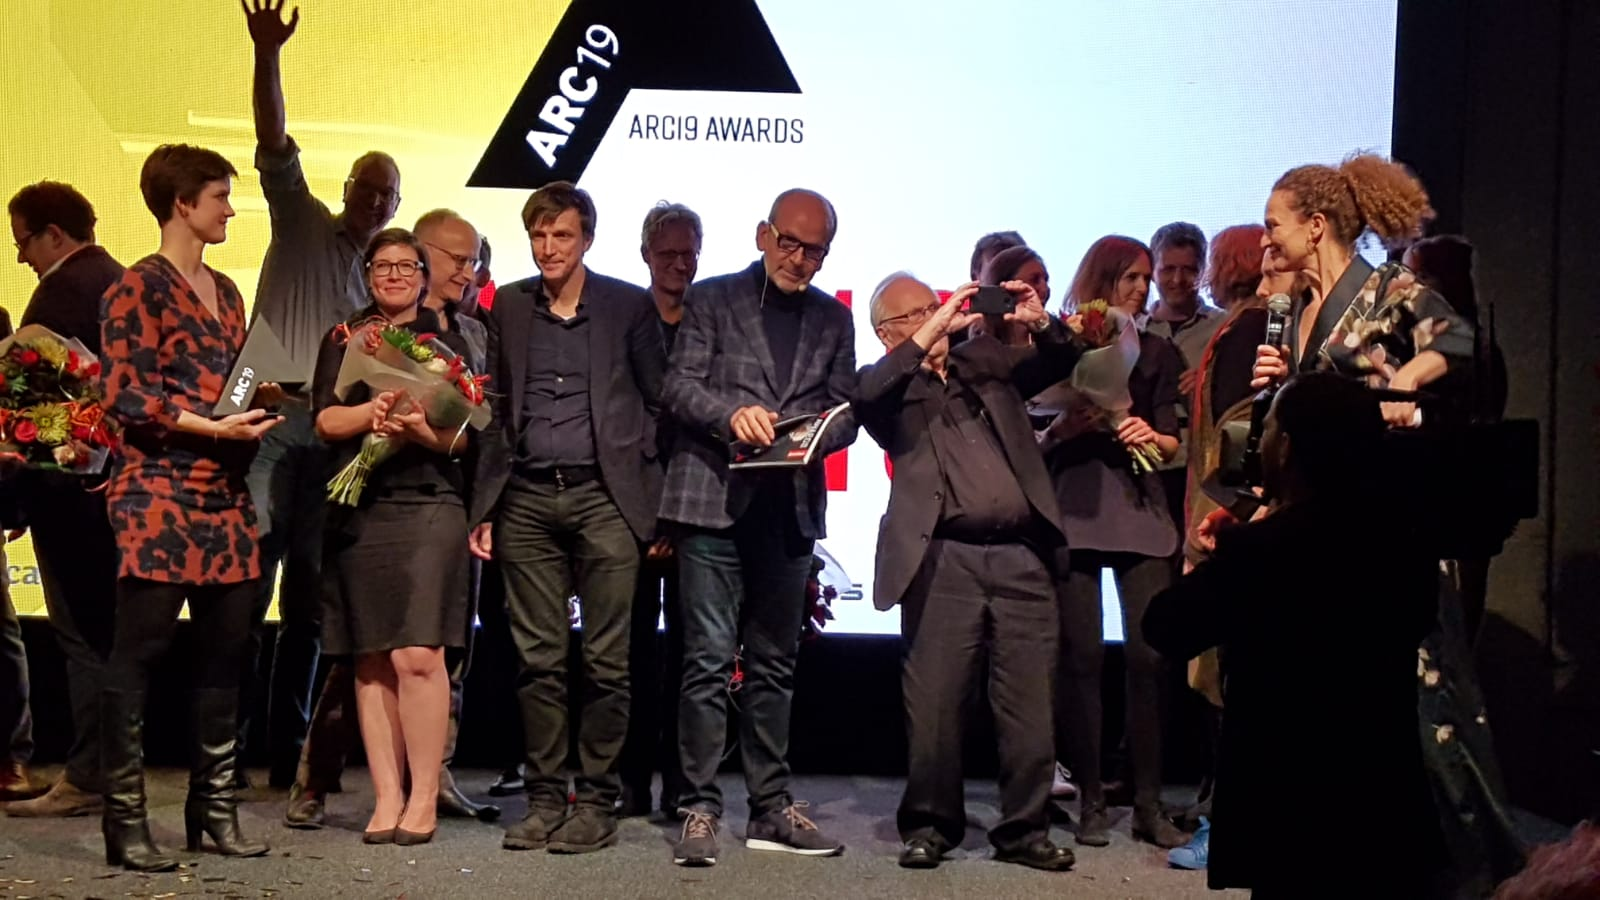 <p>Felicitaties voor alle winnaars van de ARC19 Awards</p>